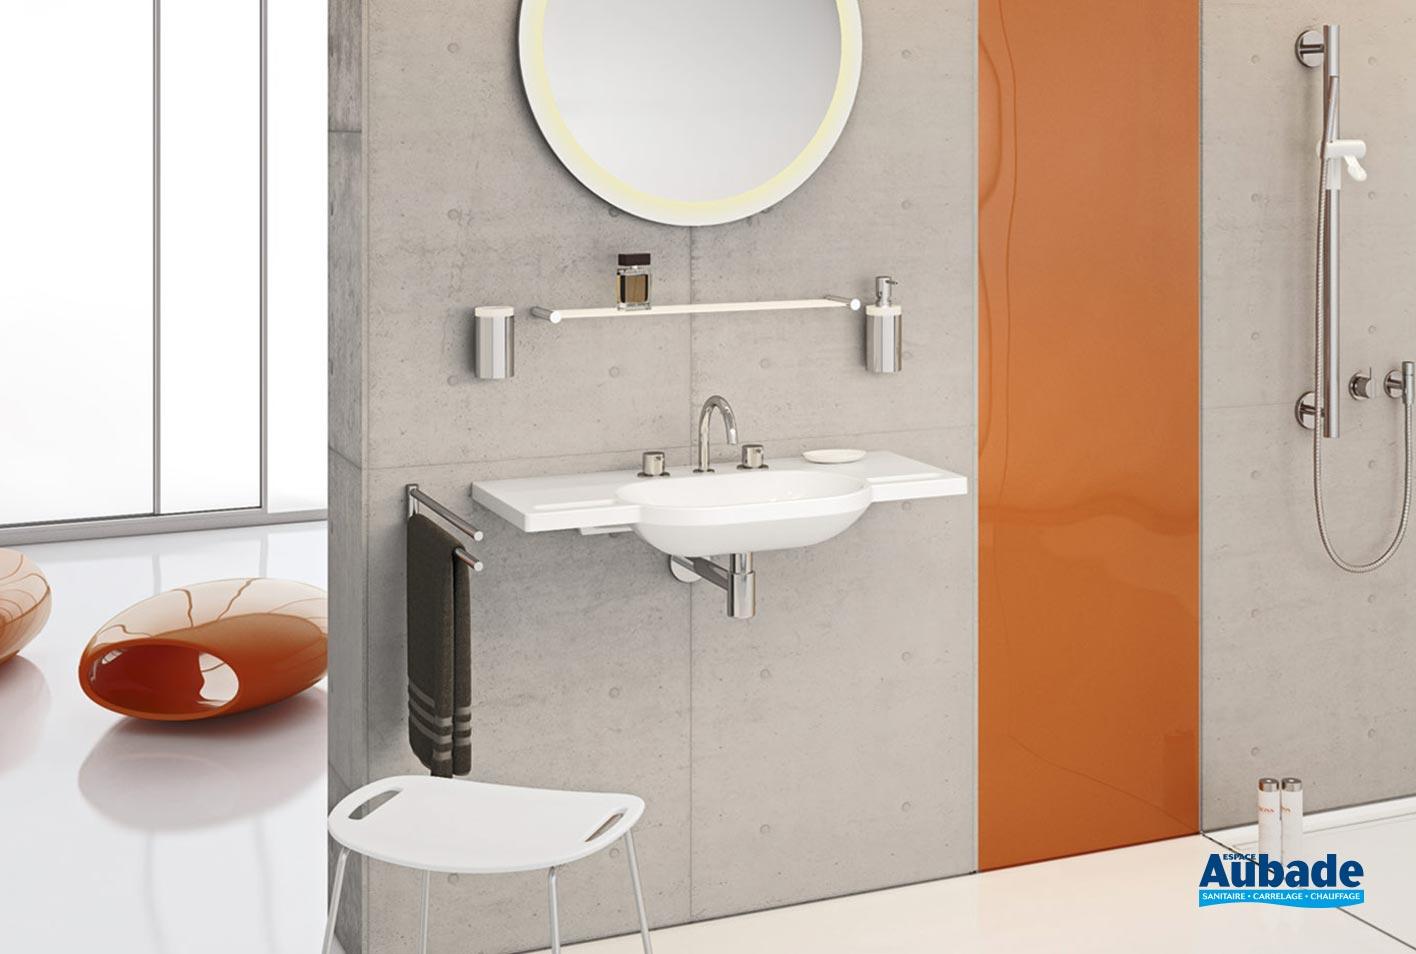 Lavabo Personne Mobilité Réduite lavabo pmr hewi | espace aubade